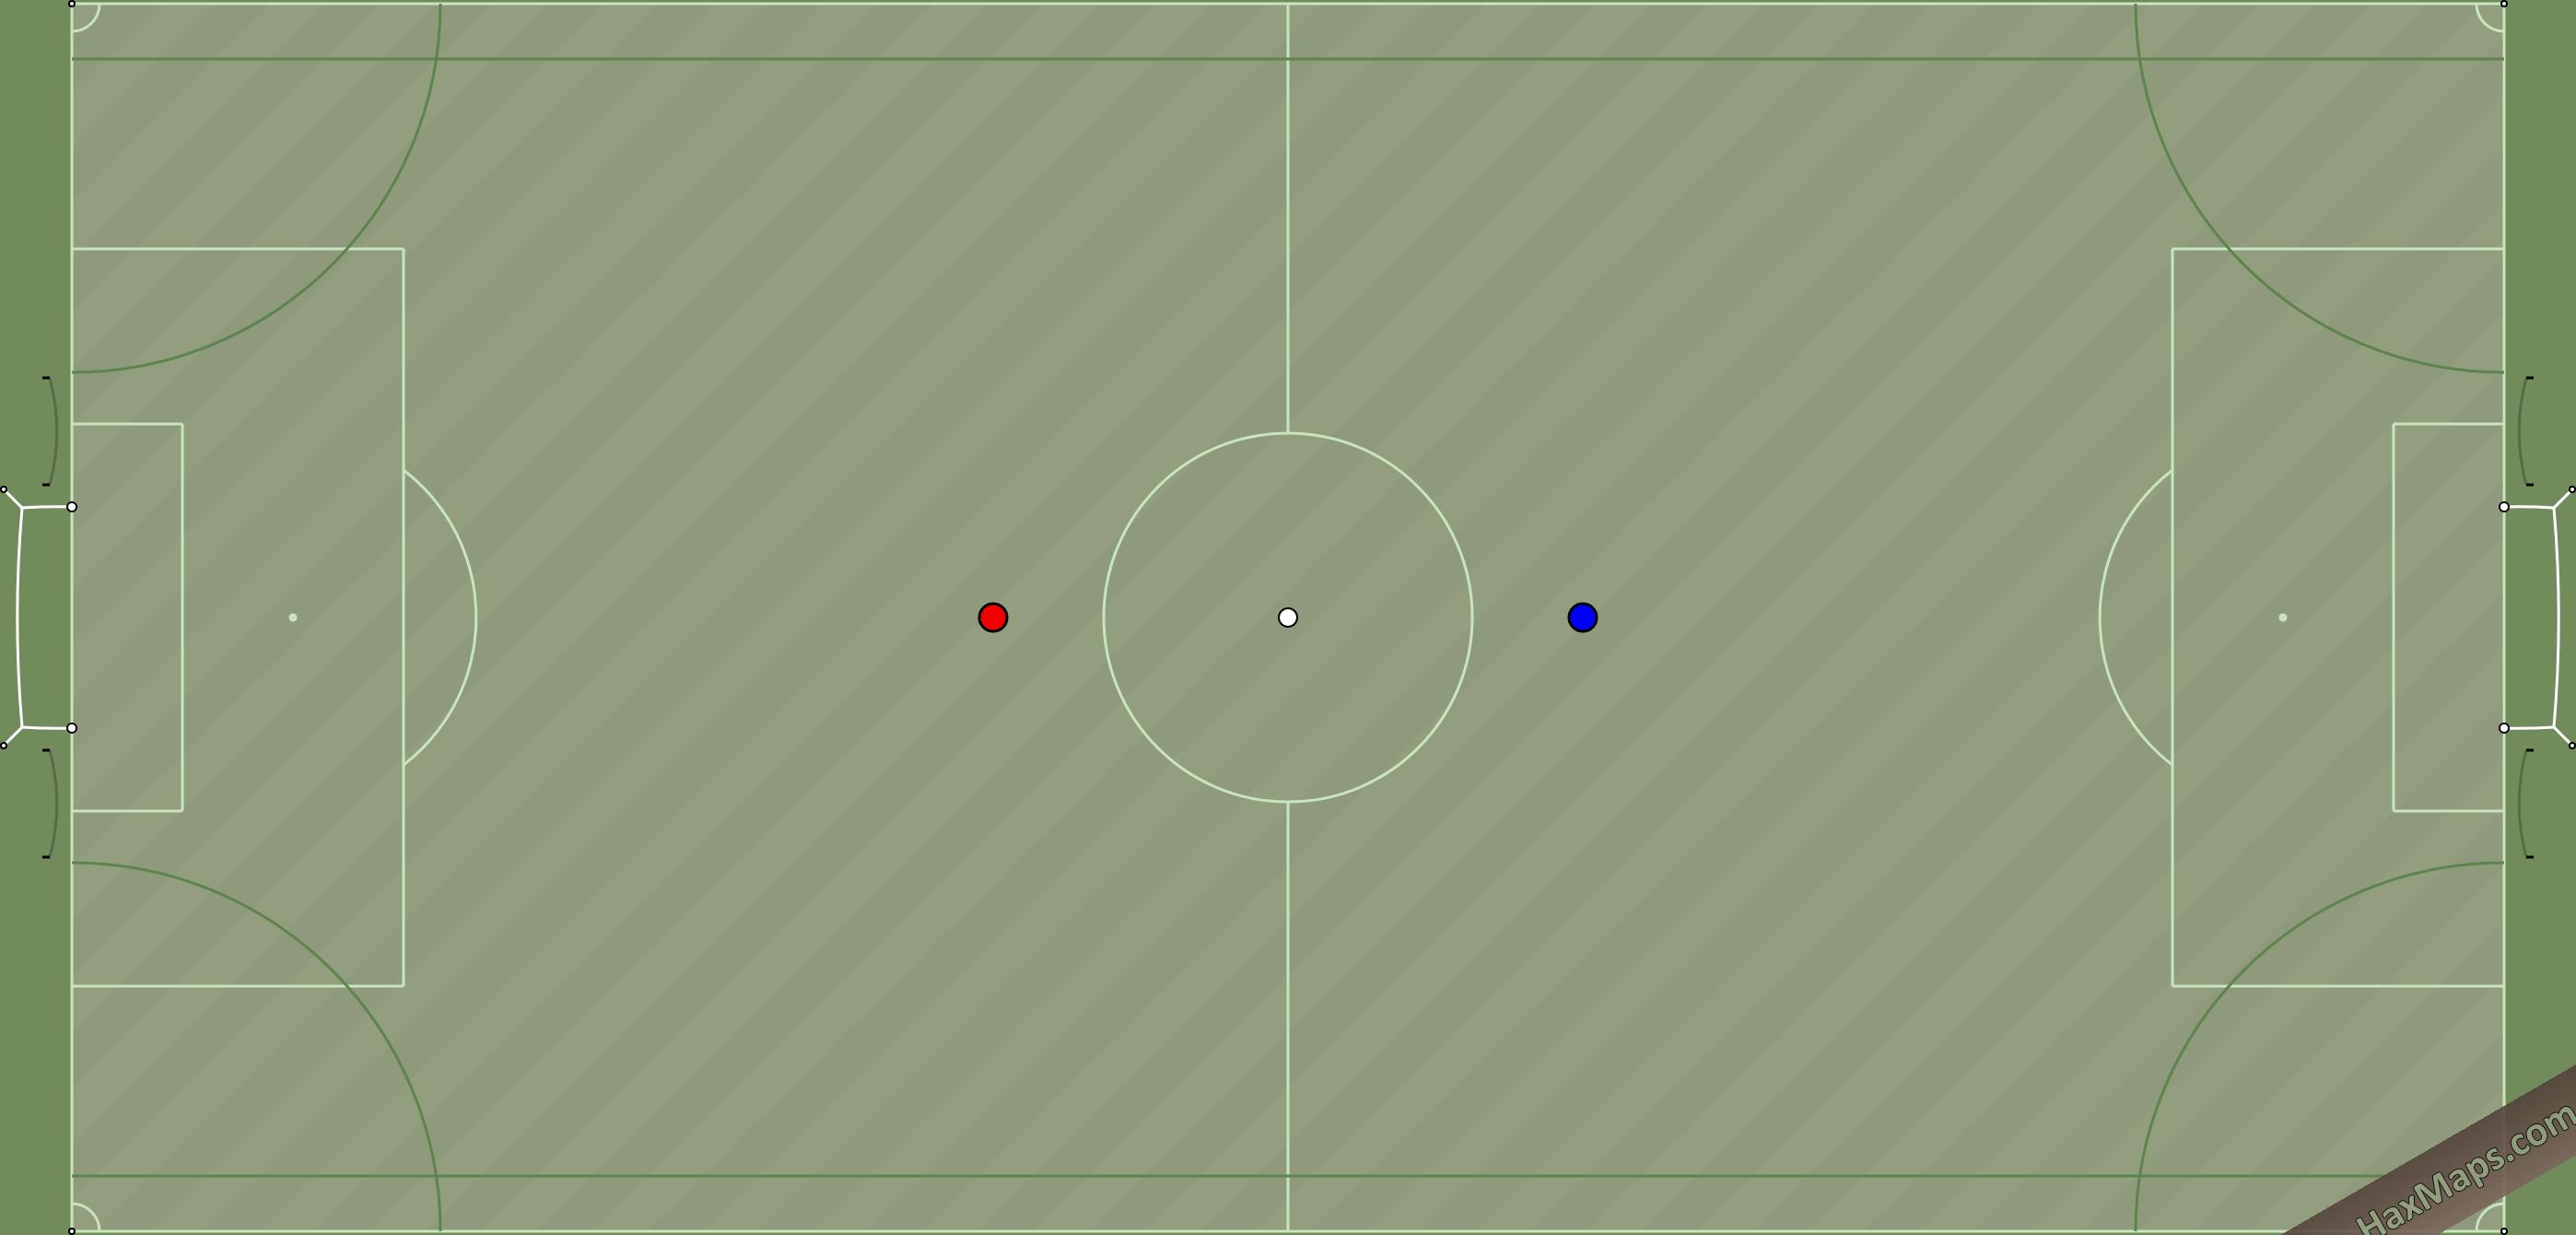 hax ball maps | Real Soccer v6 JJ rev1 lines